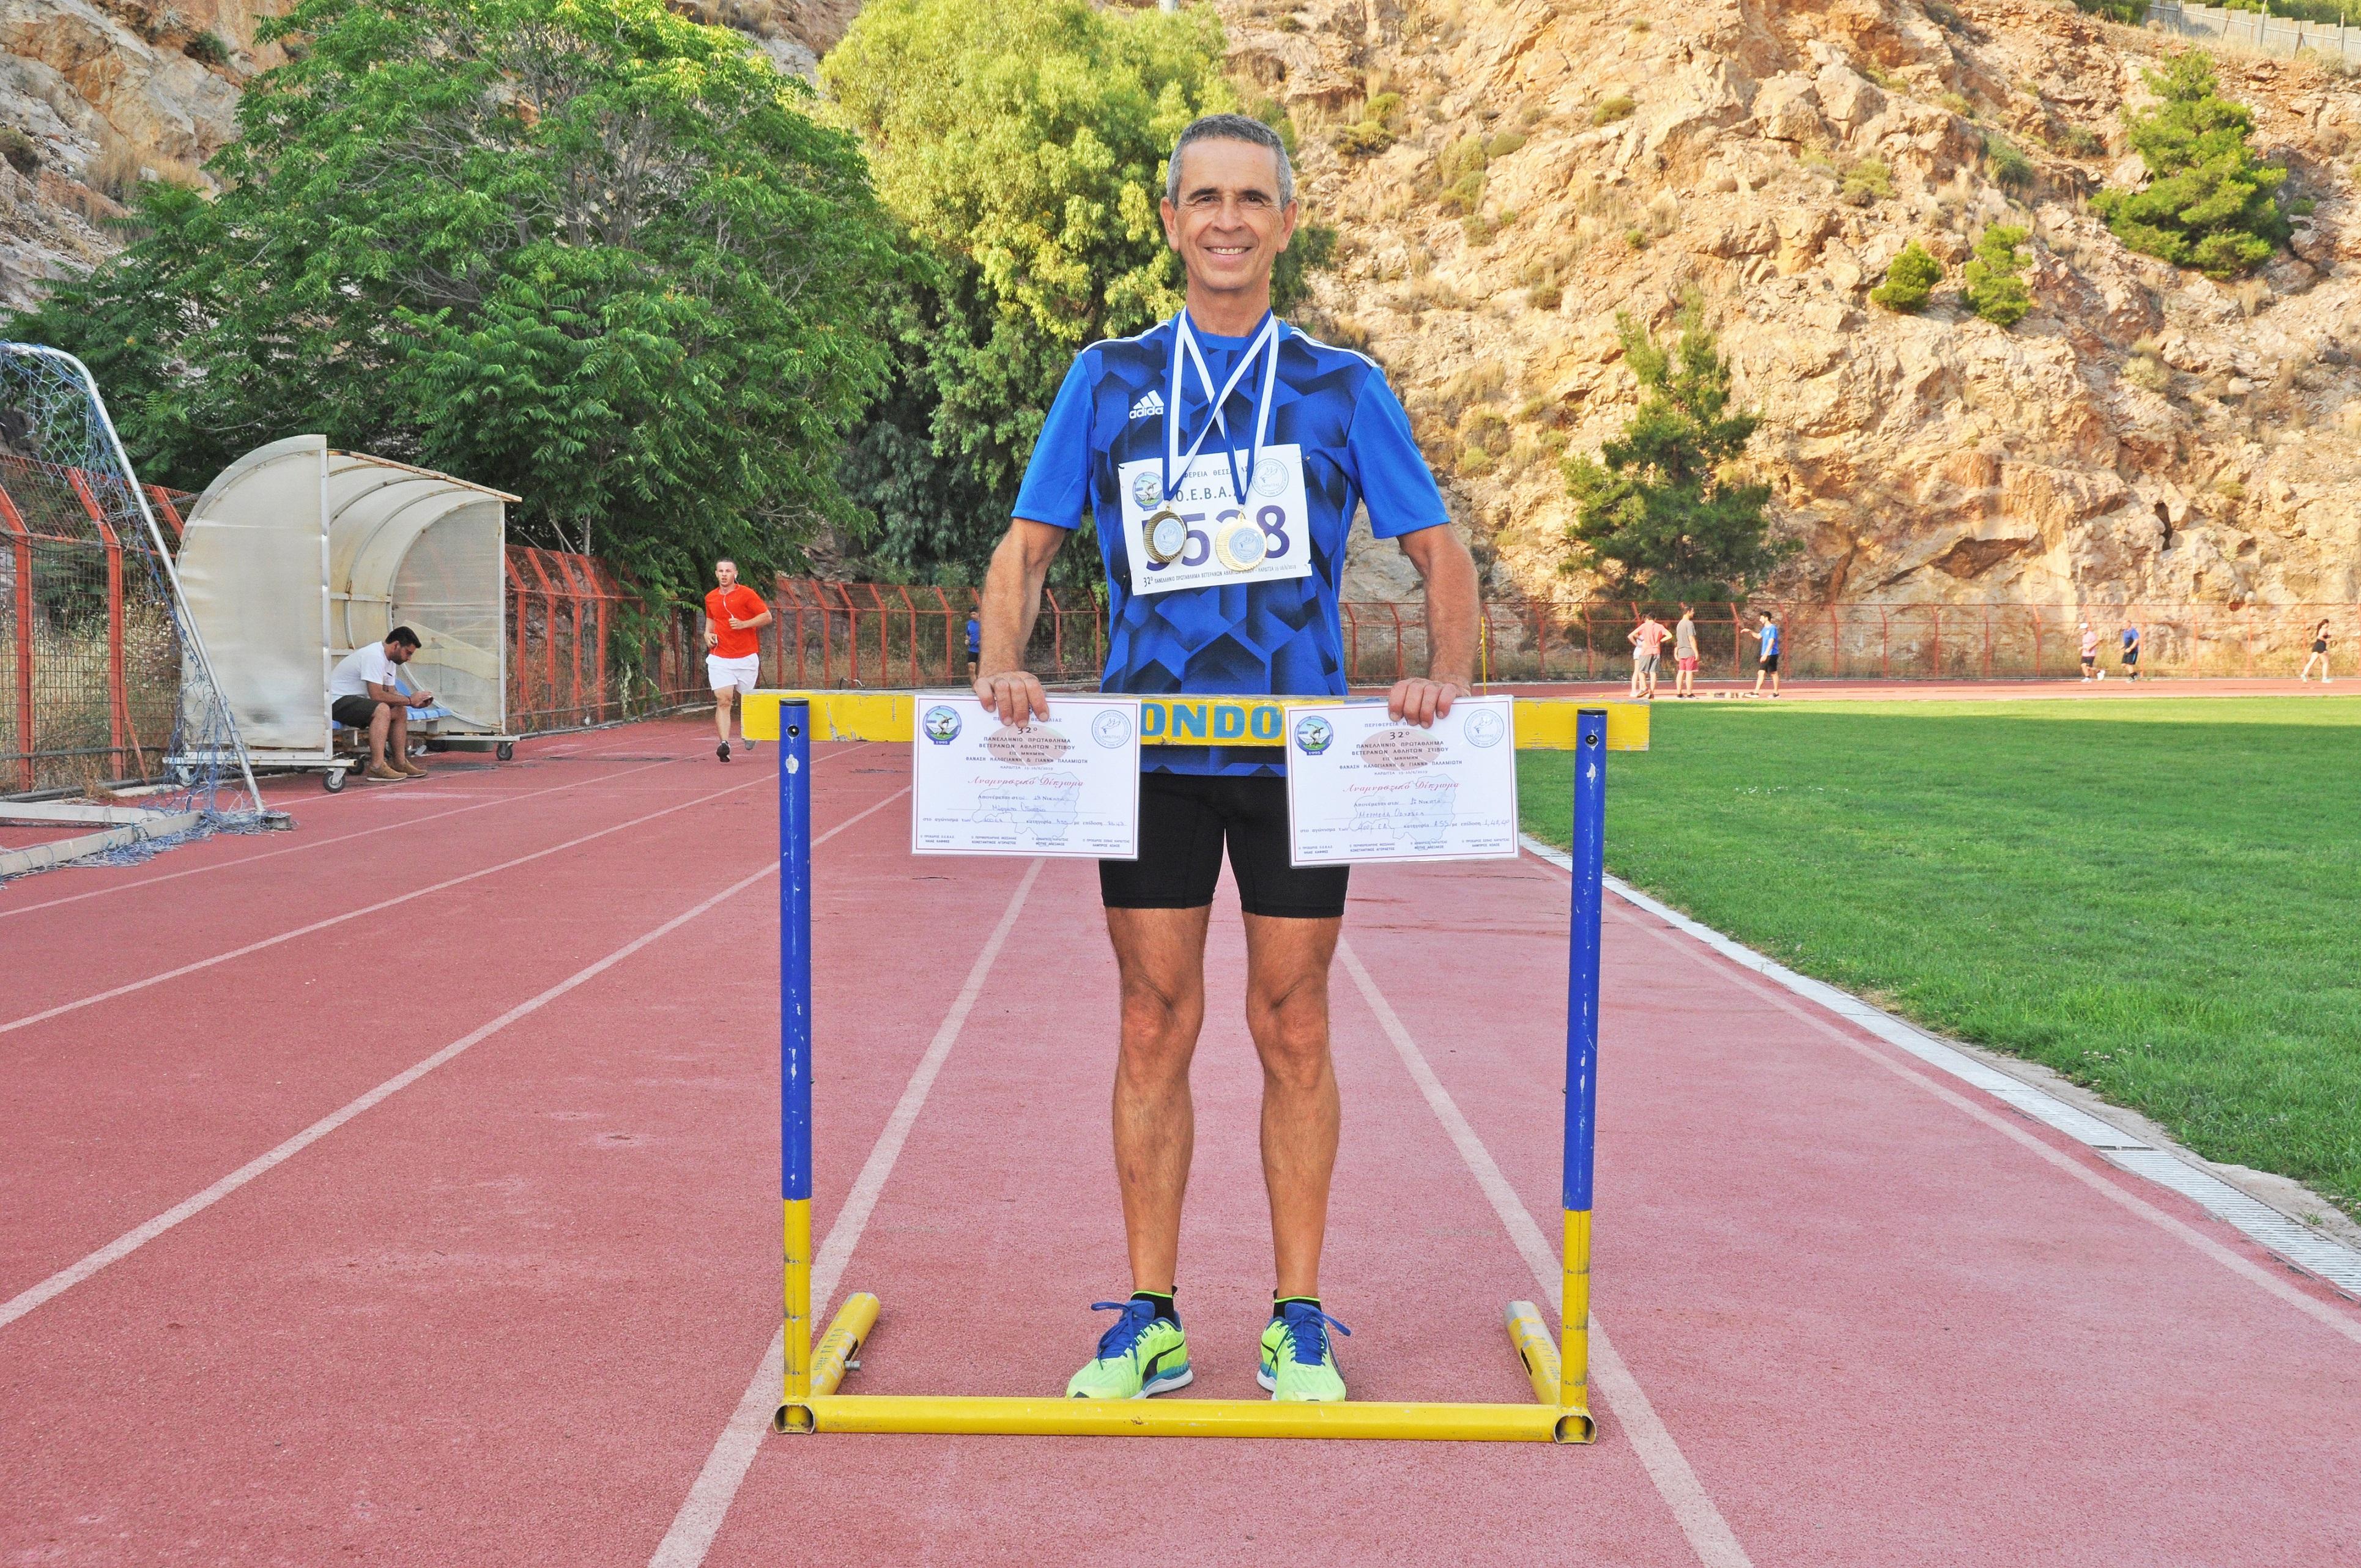 ΟΔΥΣΣΕΑΣ ΜΕΡΜΕΛΑΣ – Καισαριανιώτης πρωταθλητής Ελλάδος στον στίβο